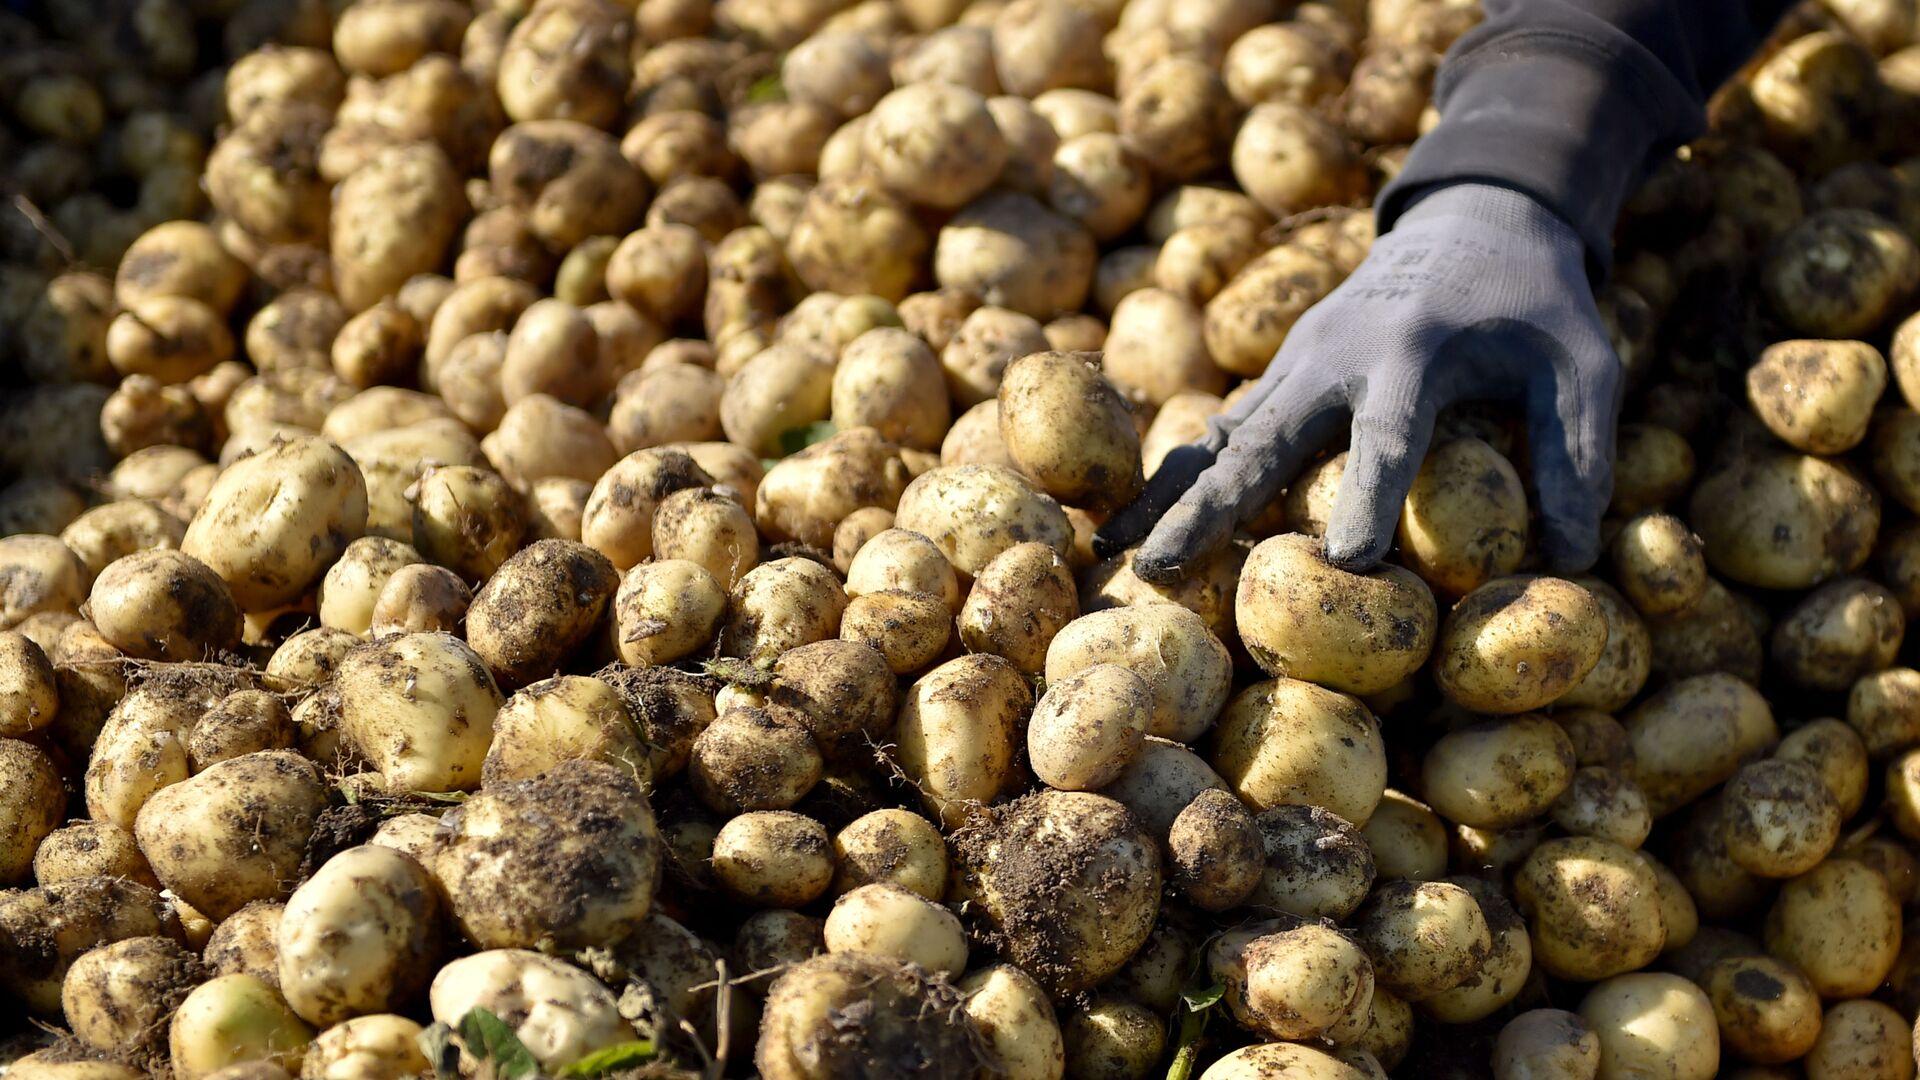 Урожай картофеля, фото из архива - Sputnik Azərbaycan, 1920, 21.09.2021